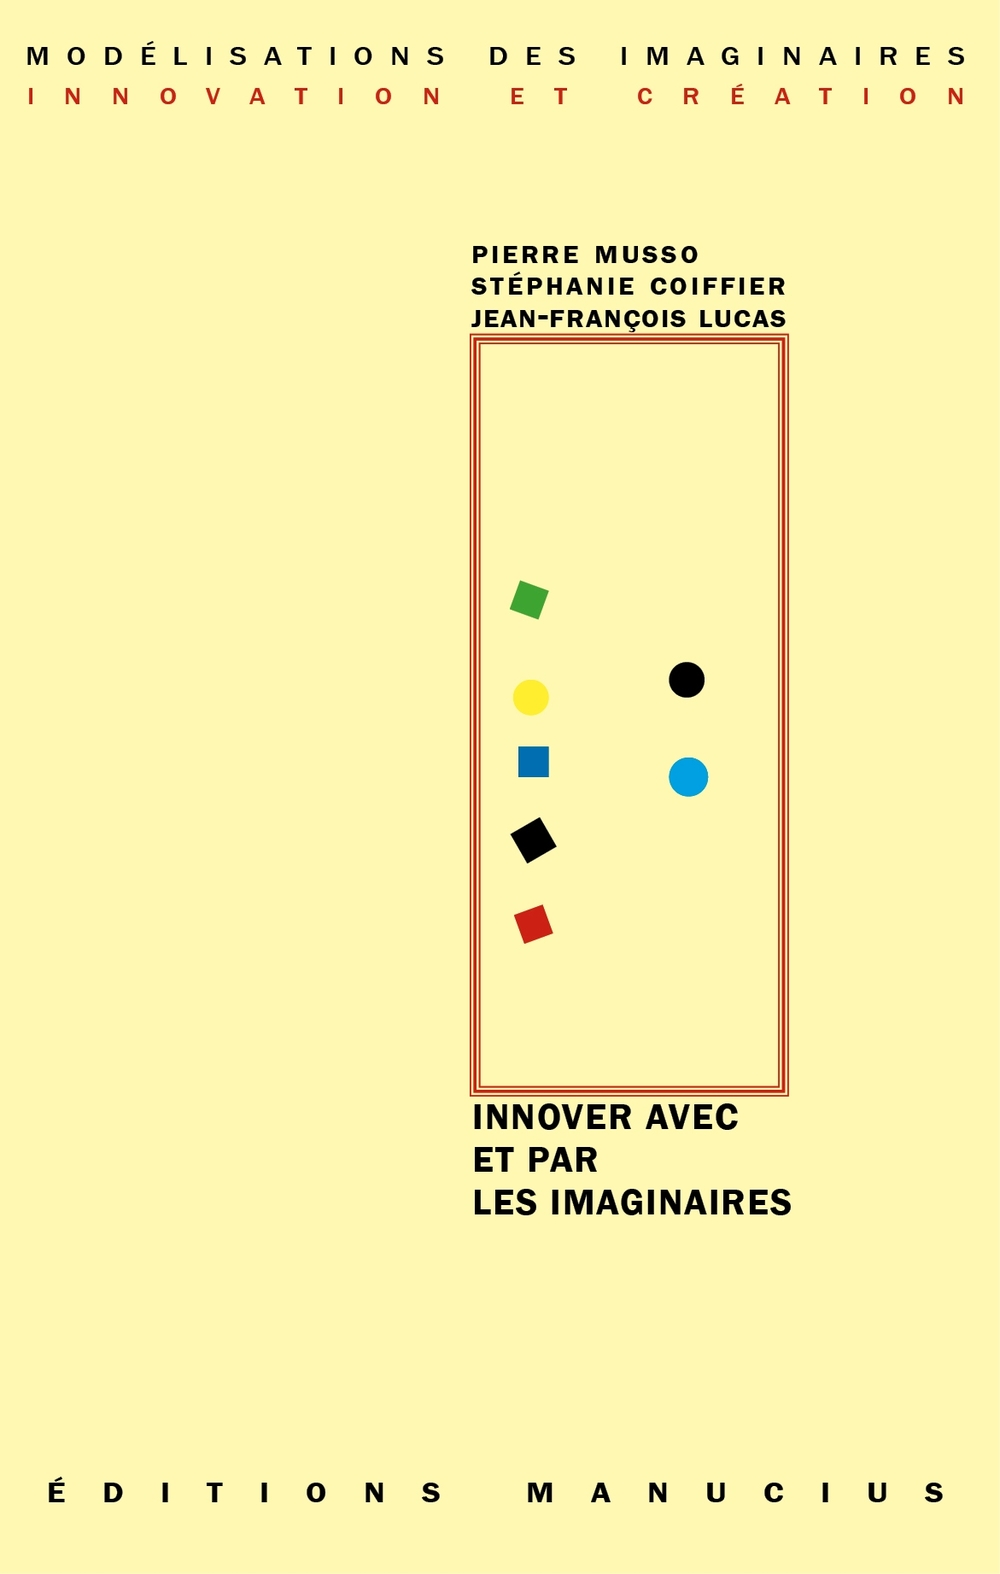 Innover avec et par les imaginaires